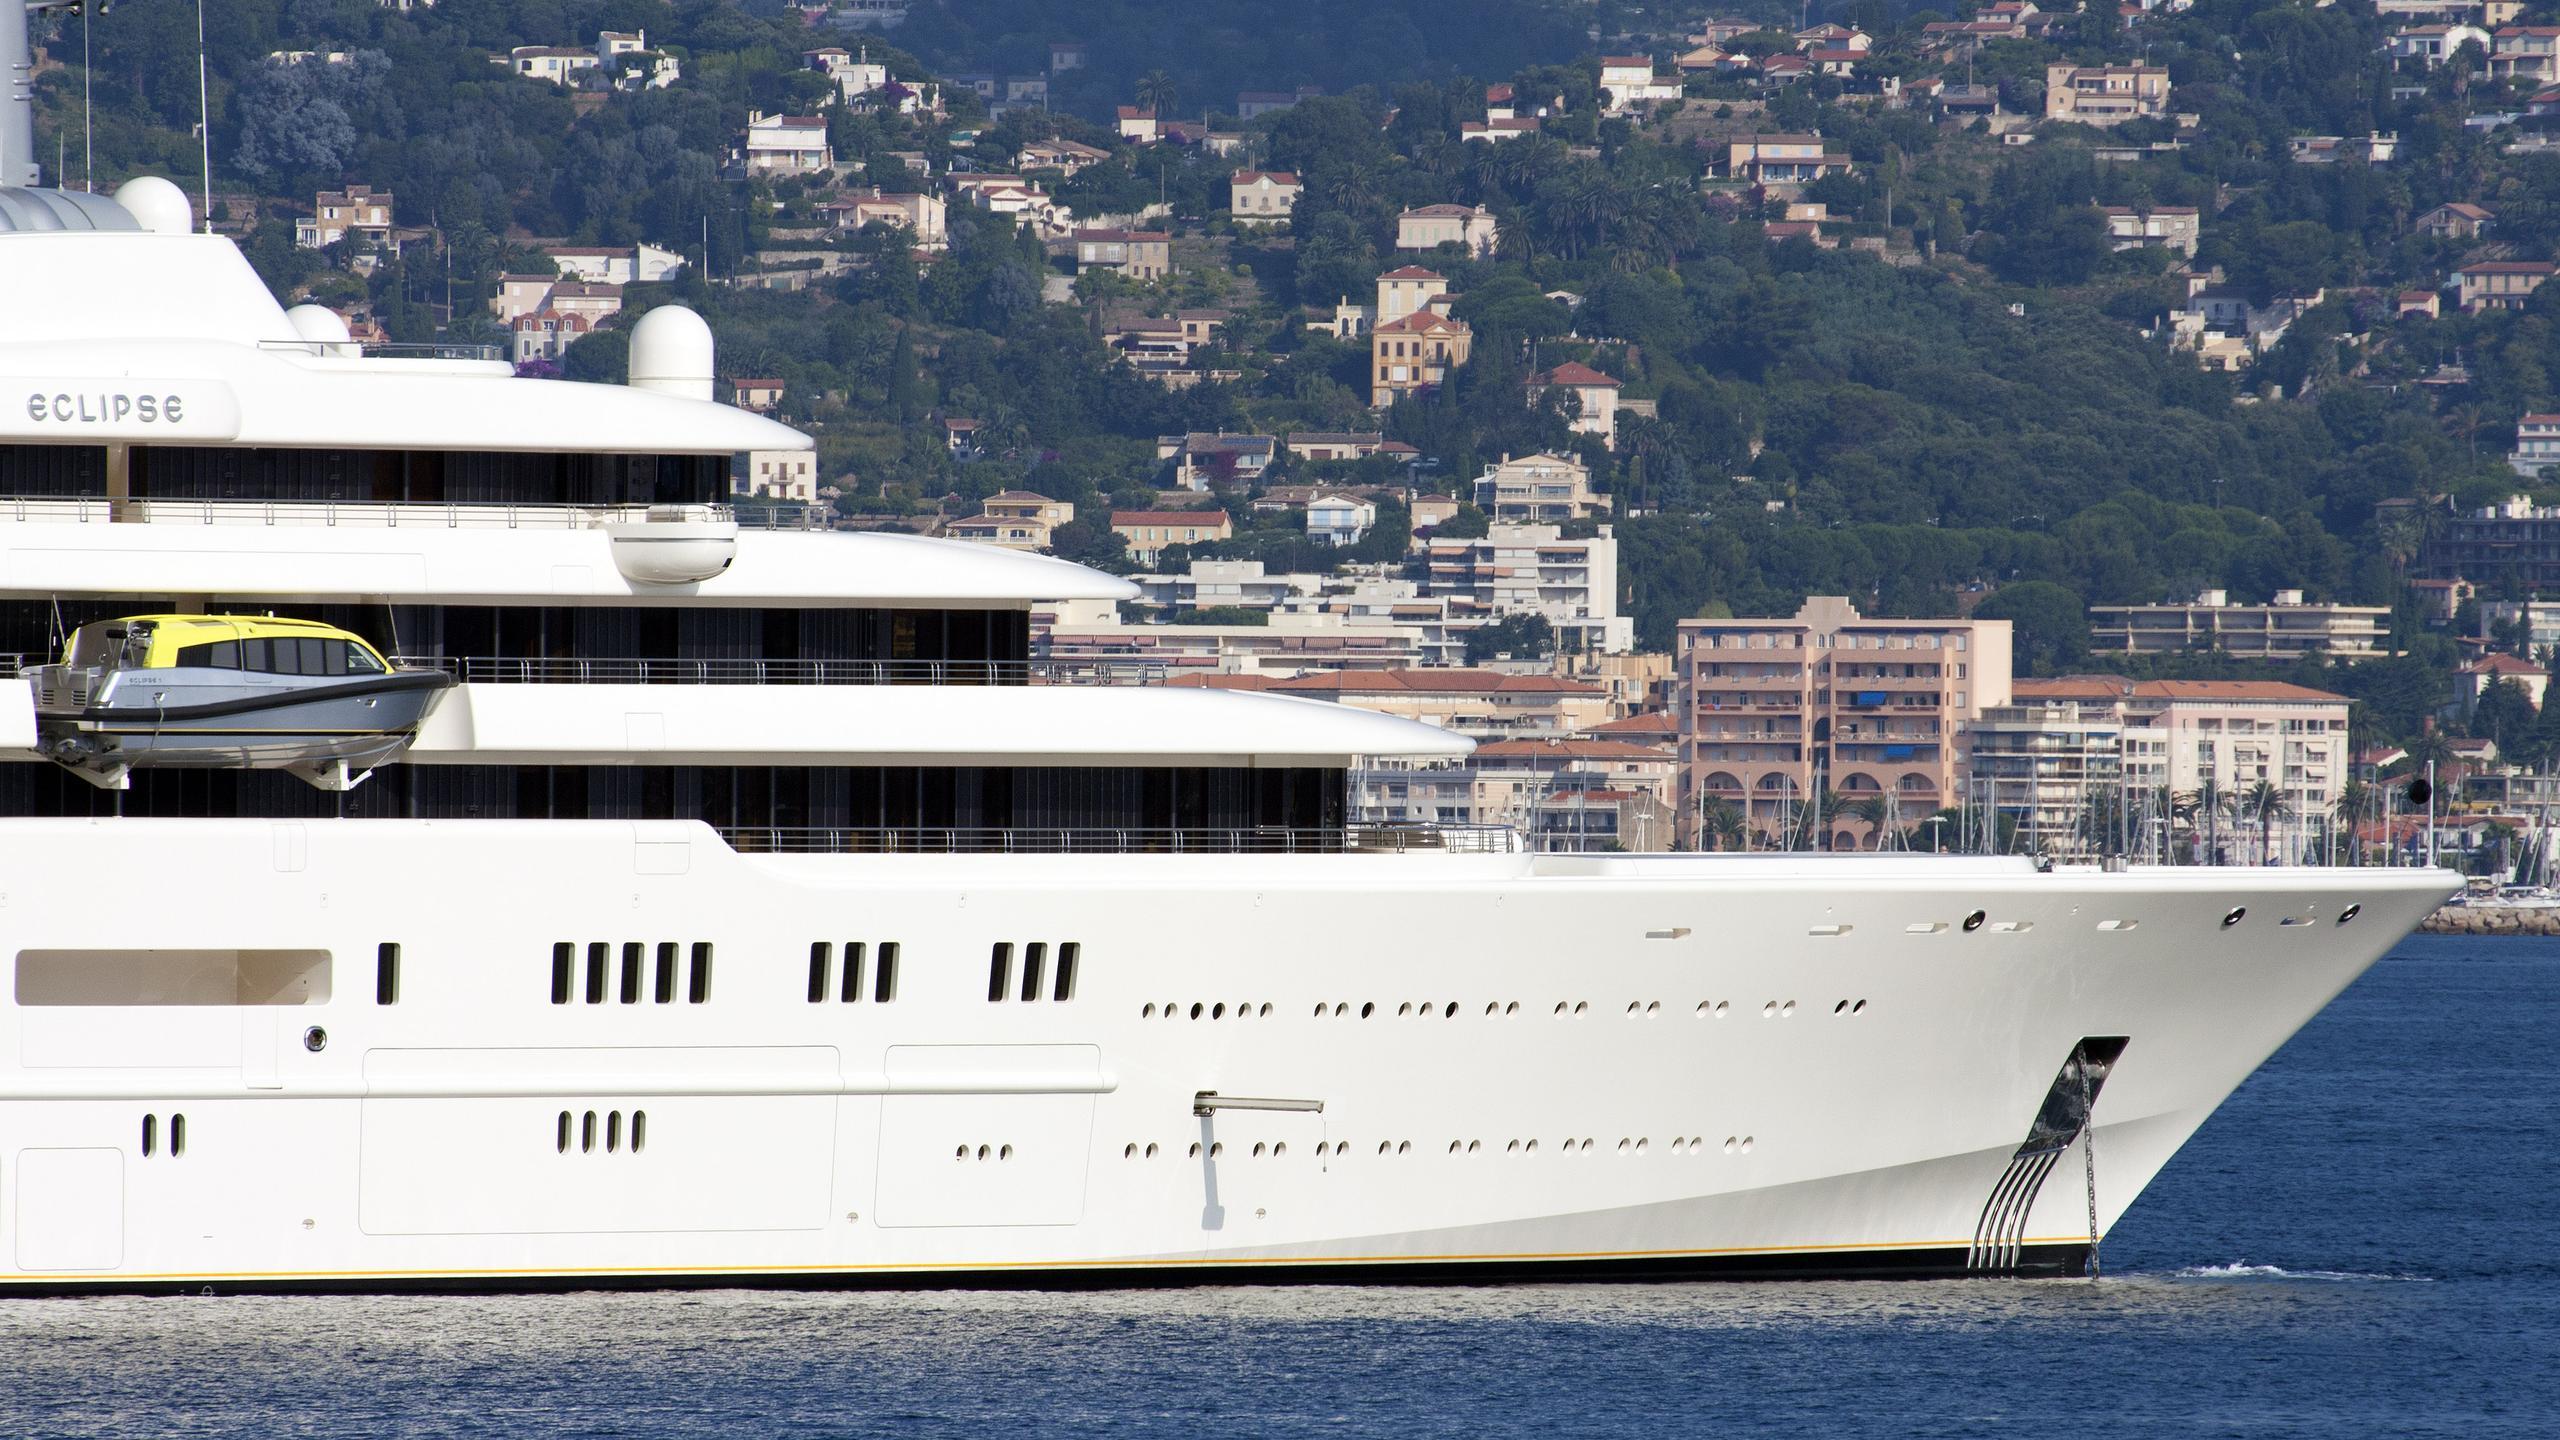 eclipse-motor-yacht-blohm-voss-2010-162m-bow-details-details